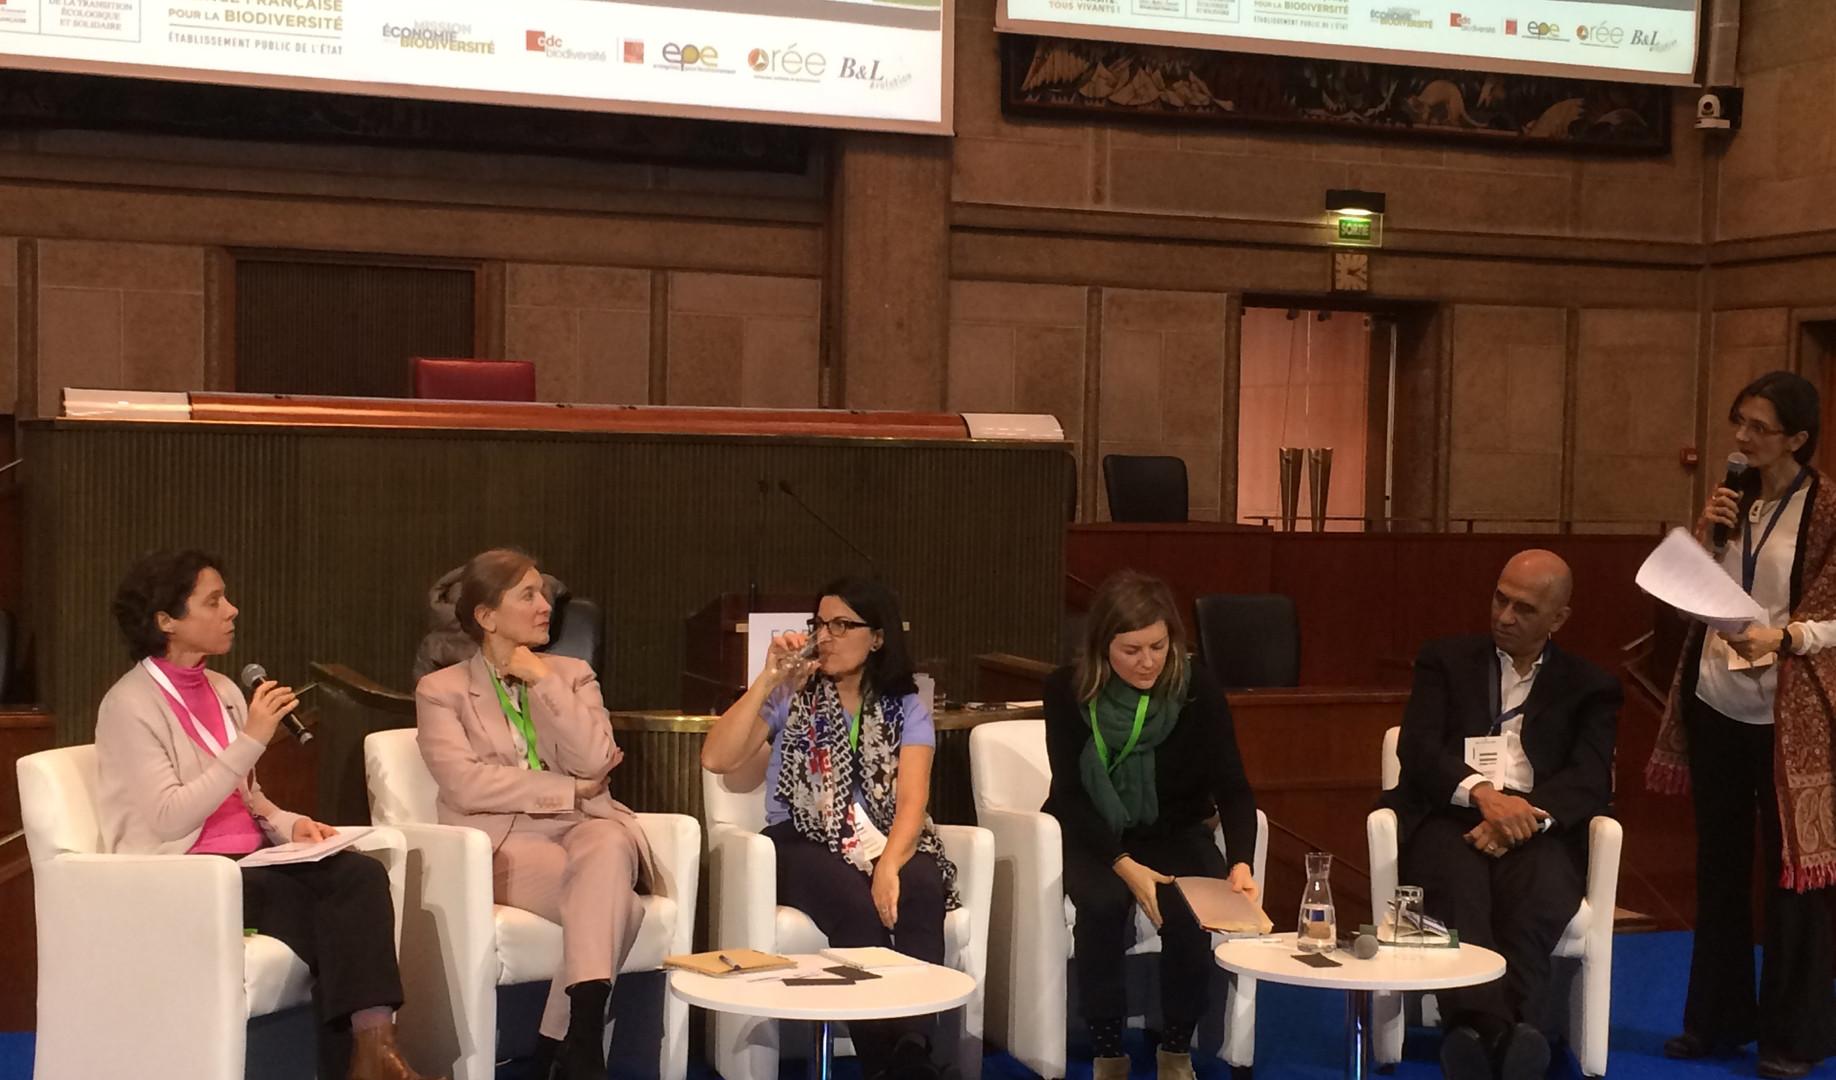 AFB Forum économie & biodiversité 2018 (2)